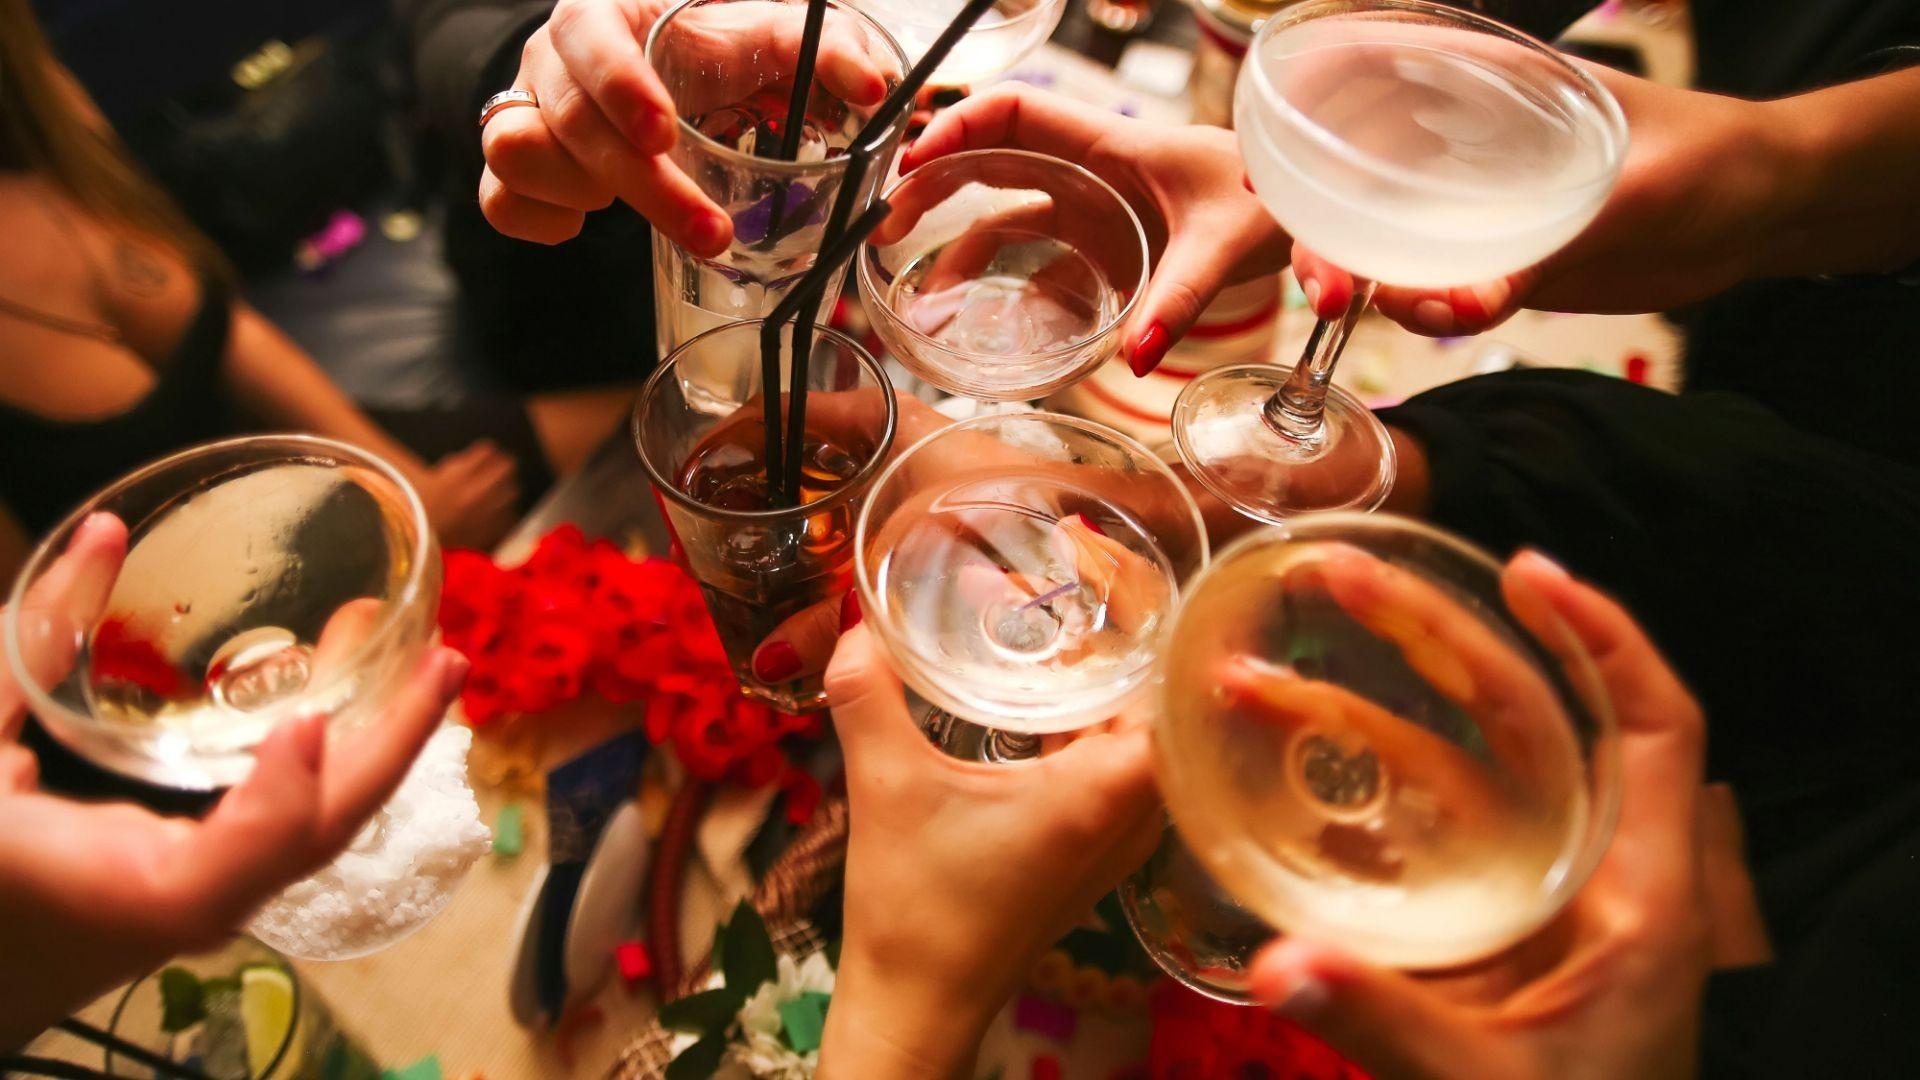 Alquiler de local para fiestas en Getafe